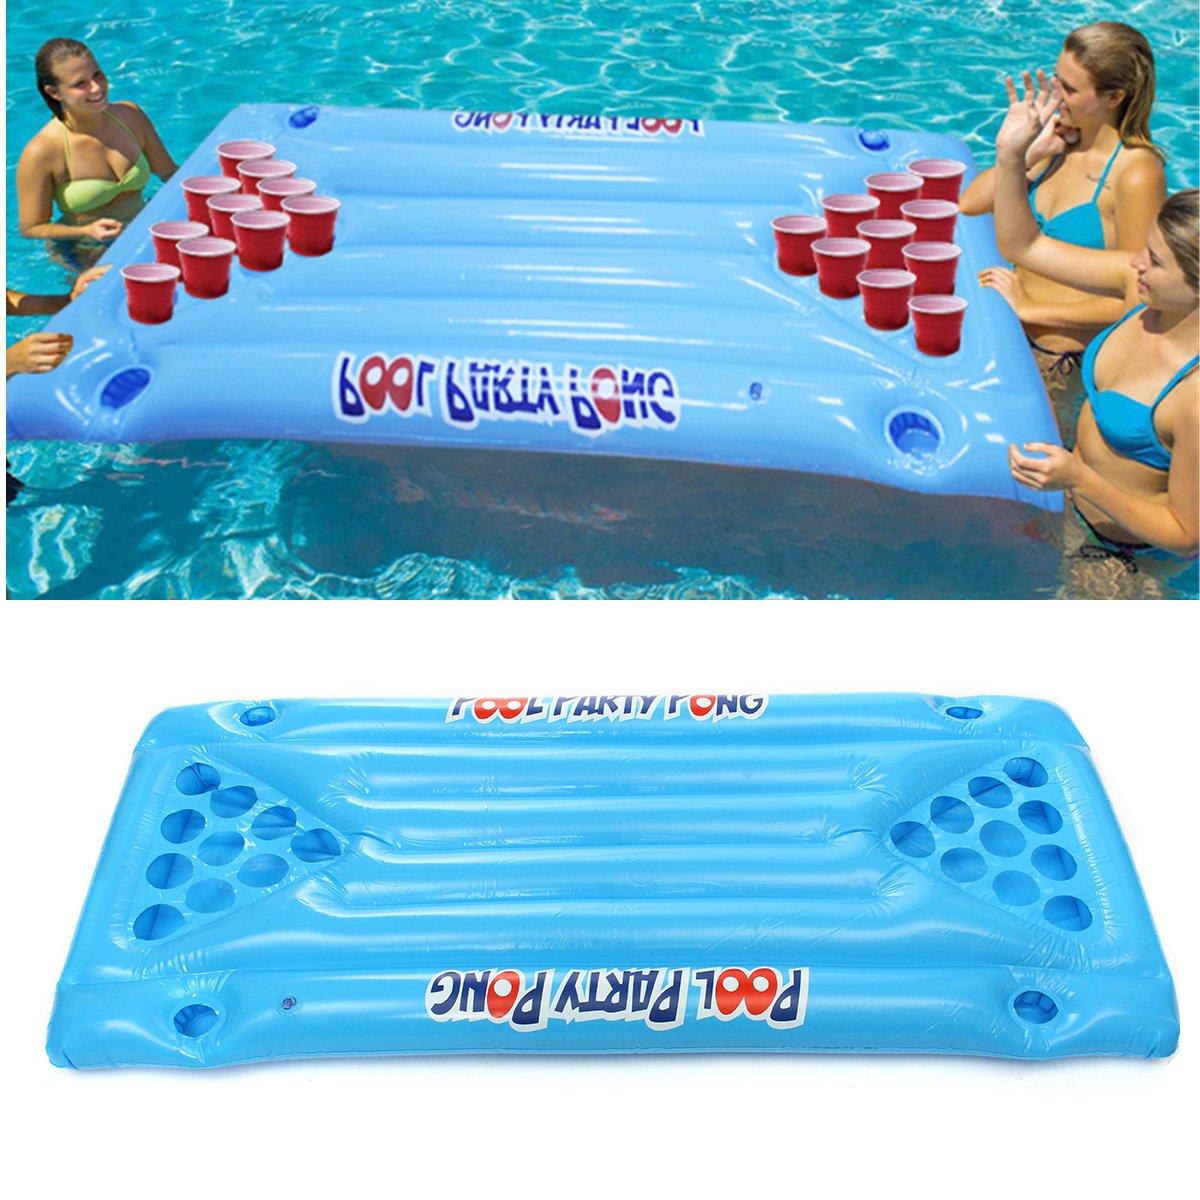 YMWLKE Aufblasbares Pool-Bier-Tabellen-Schalen-Halter, PVC-aufblasbares Bier Pong-Ball-Tabellen-Wasser-Sich hin- und herbewegendes Floss-Aufenthaltsraum-Pool-trinkendes Spiel 24 Schalen-Halter by